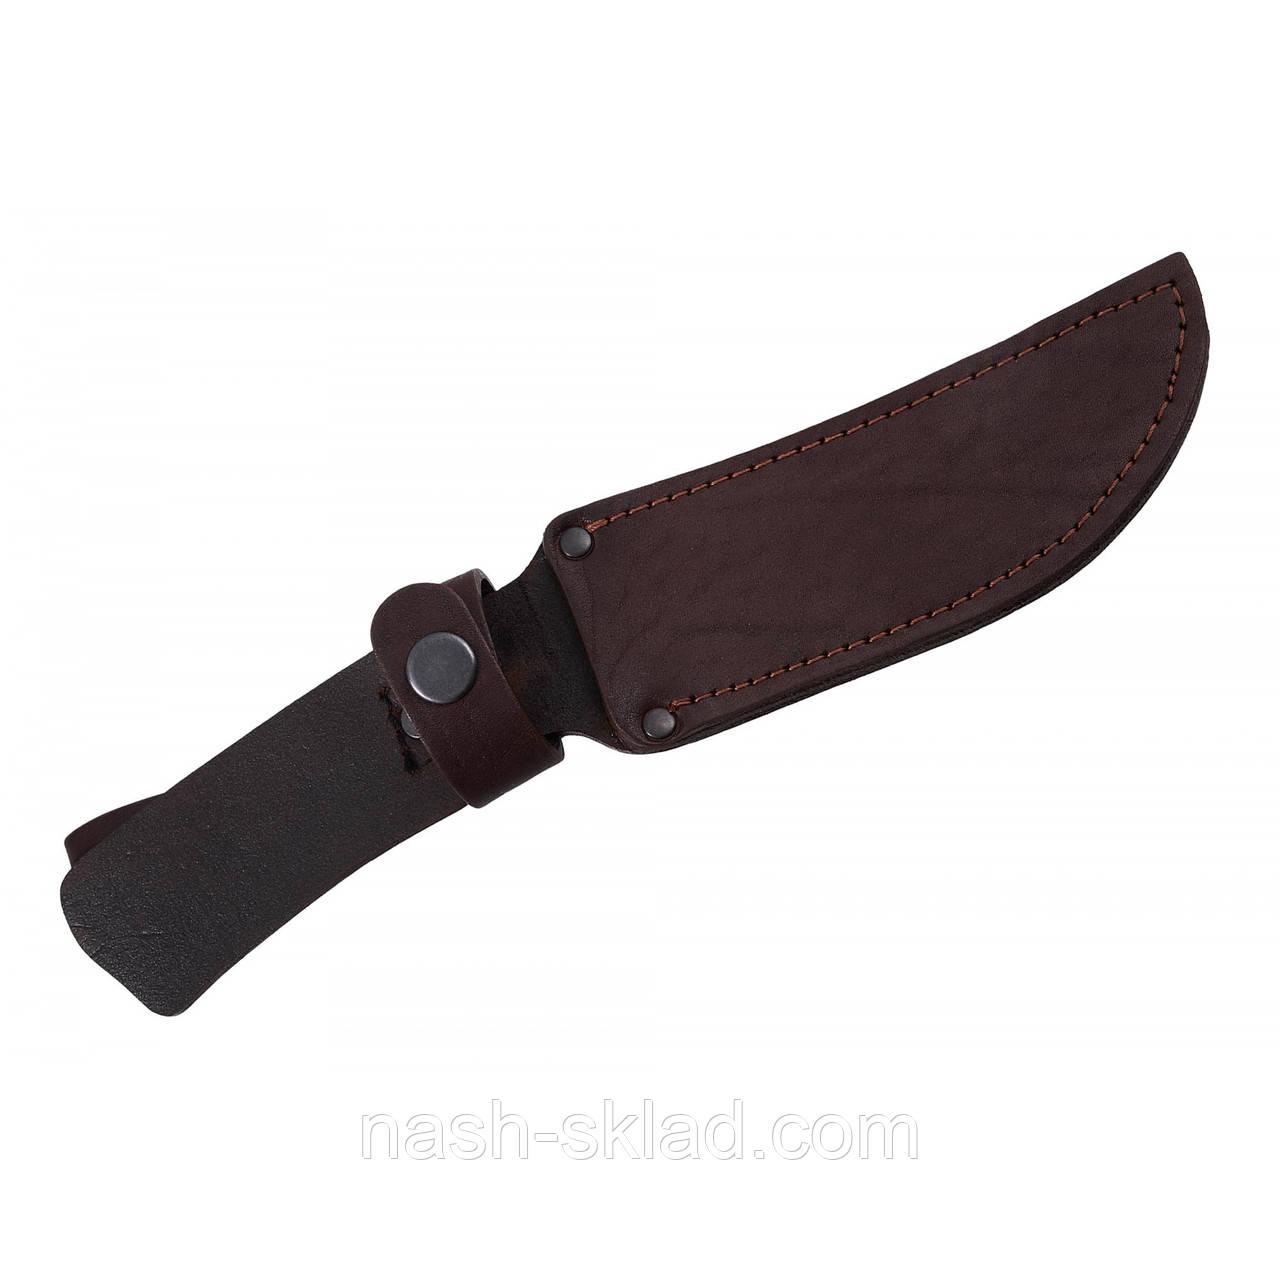 Кожаный чехол универсальный для нескладного охотничьего ножа